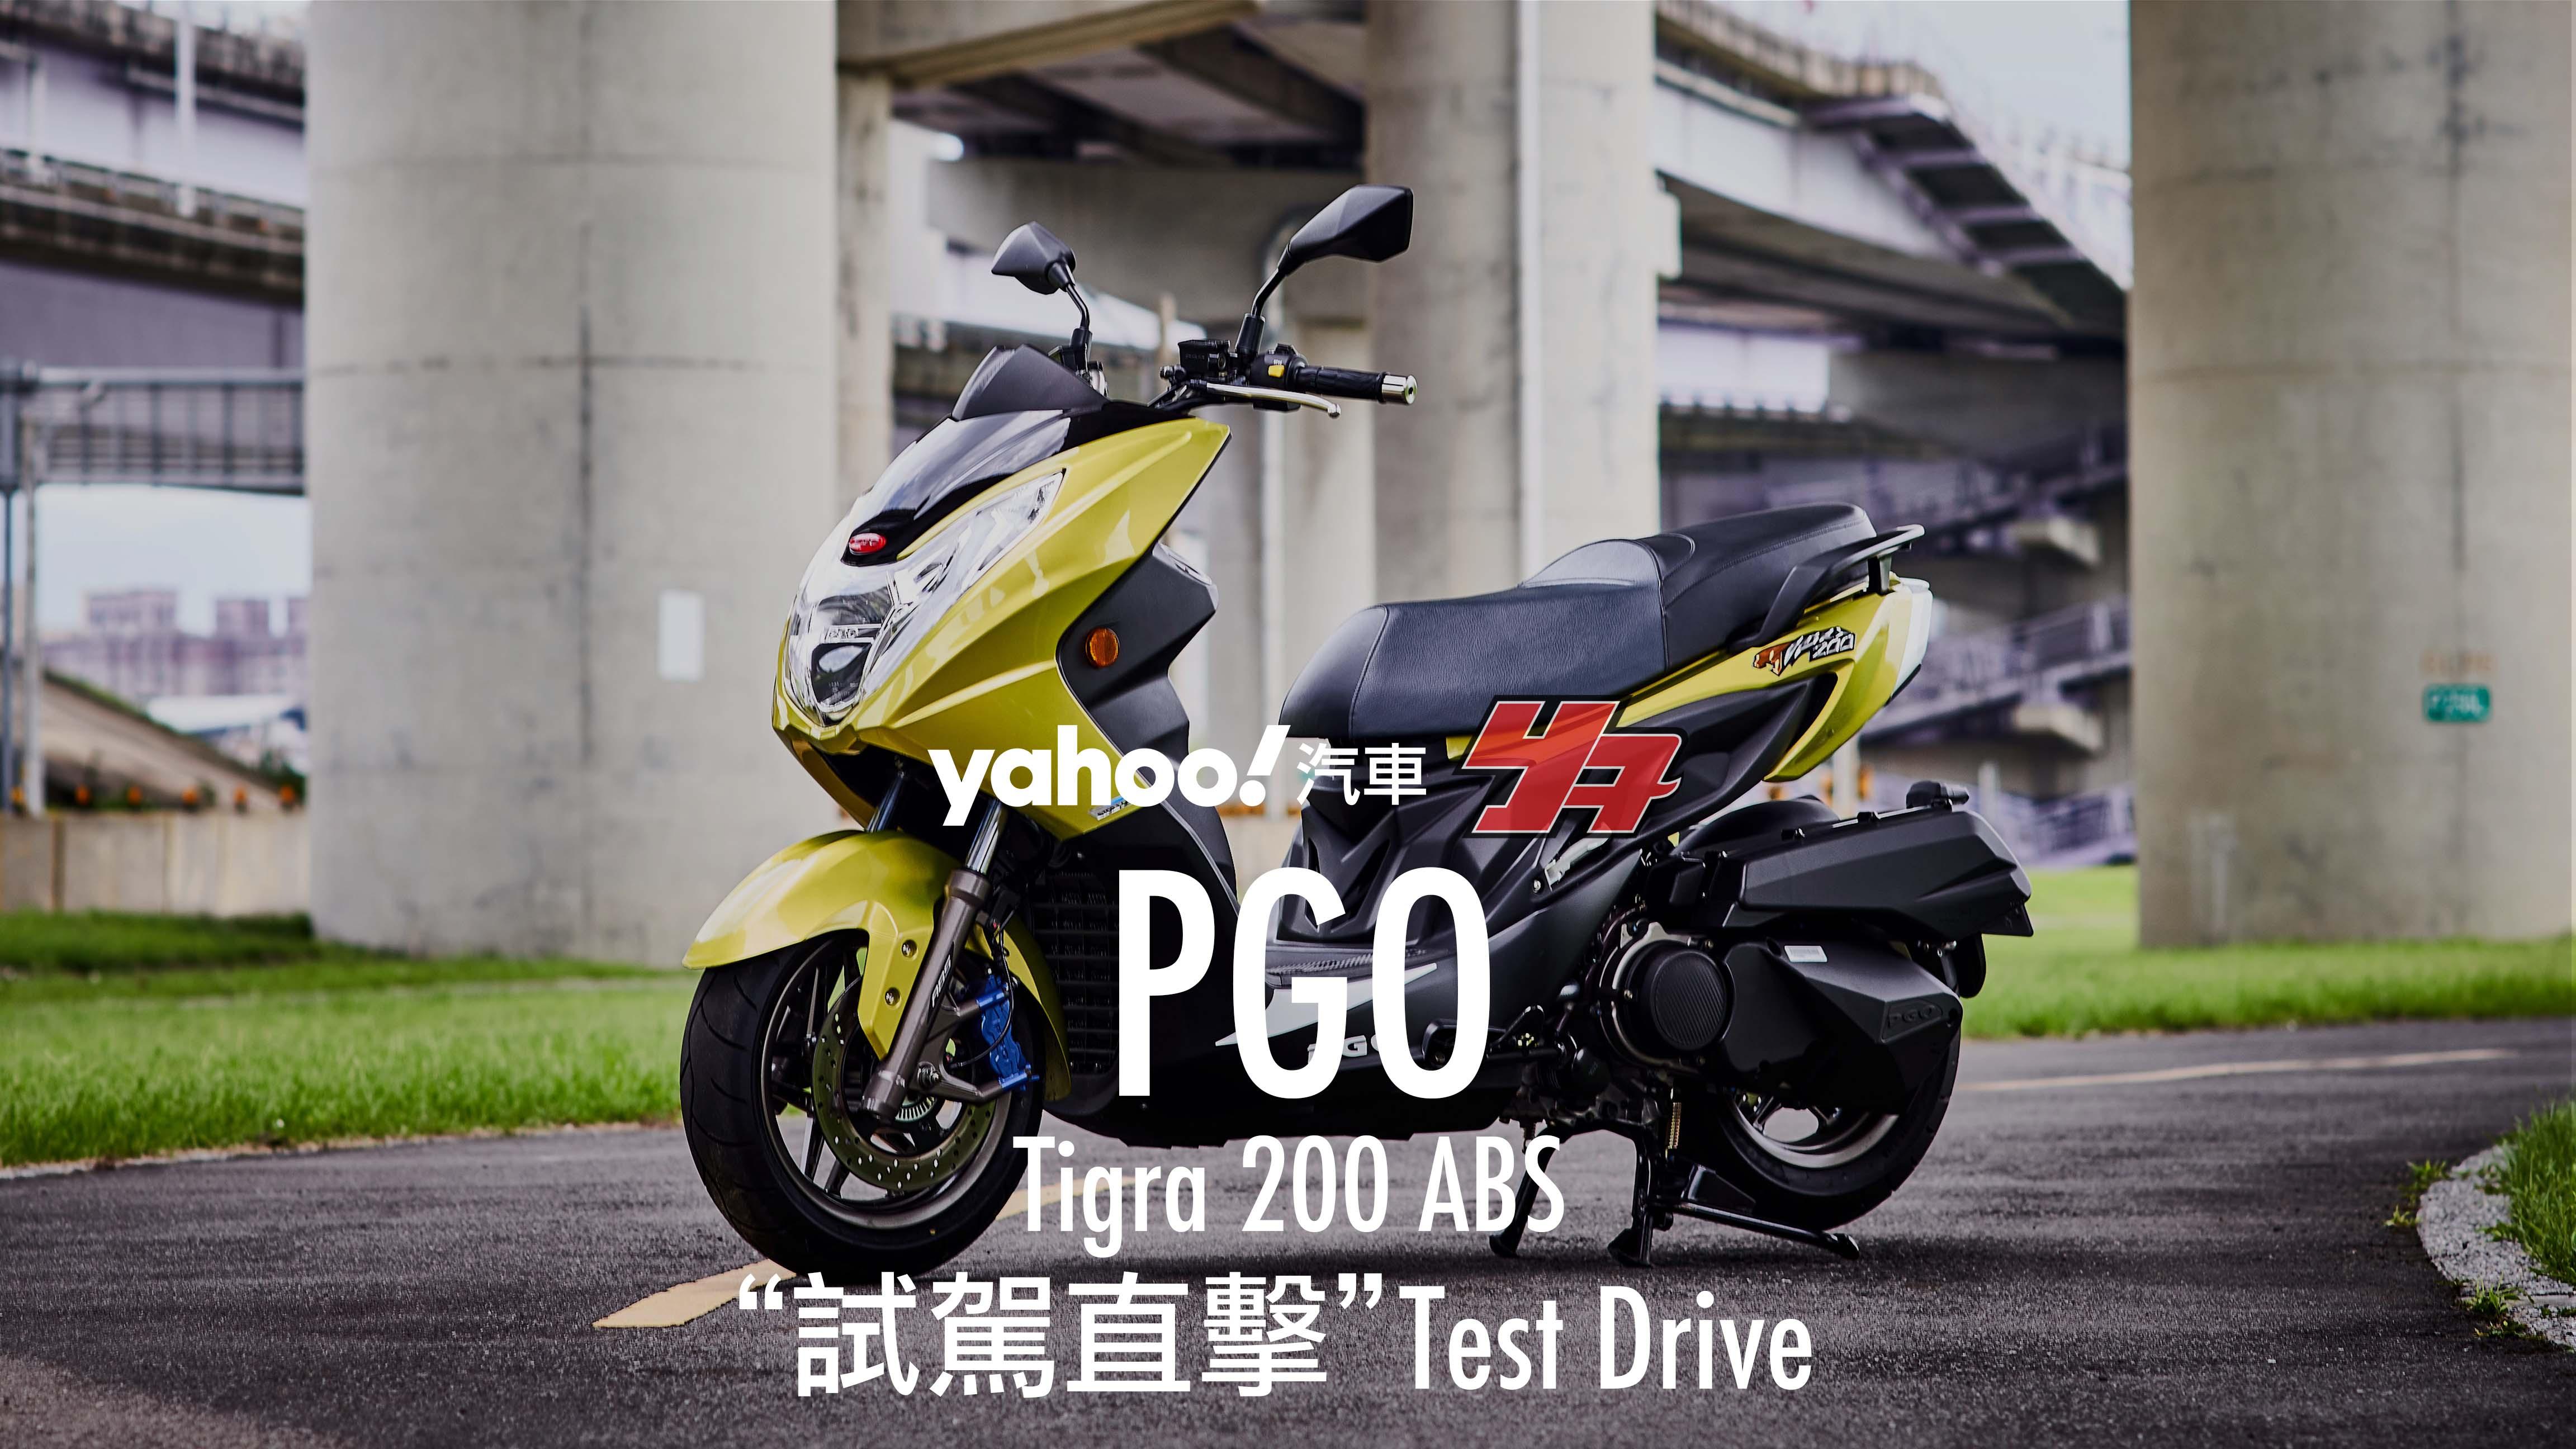 【試駕直擊】絕非善類的純種戰虎!2019 PGO Tigra 200新北試駕!